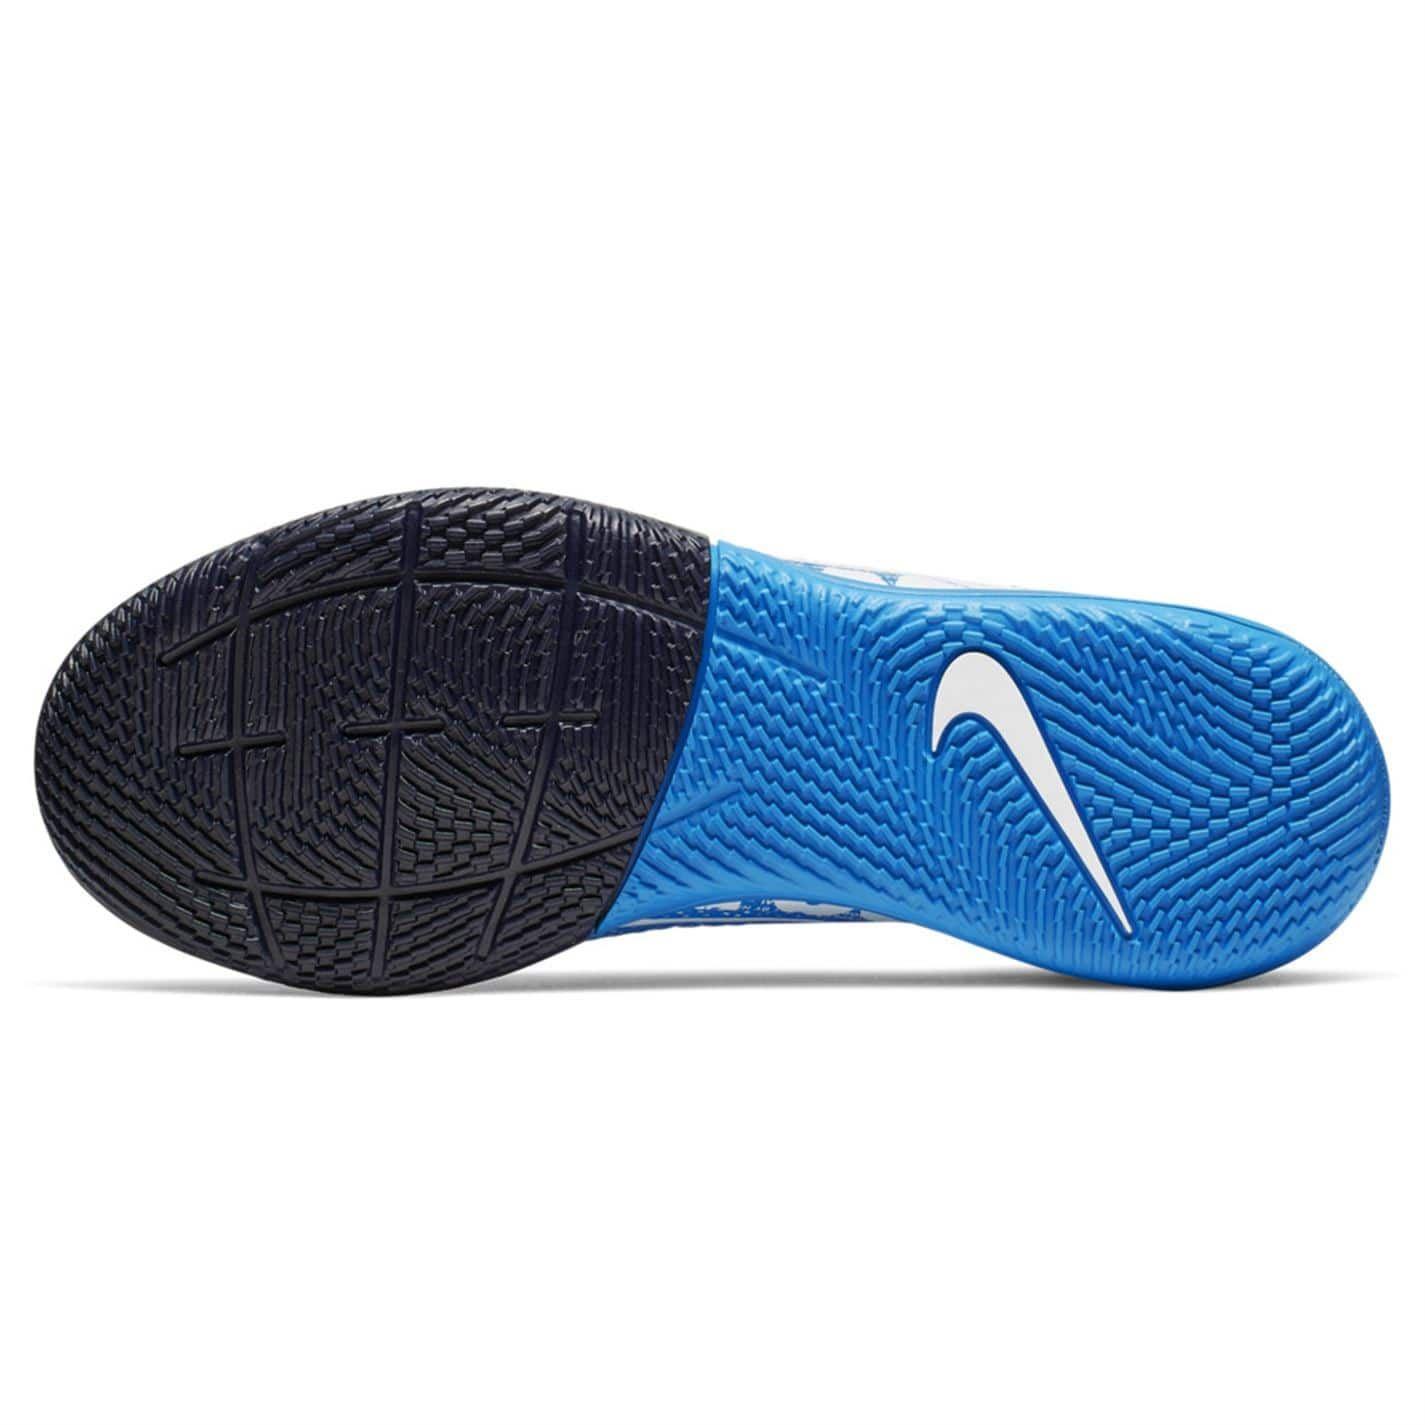 Détails sur Nike Mercurial Superfly Academy Df Intérieur Football Bottes Enfant BleuBlanc